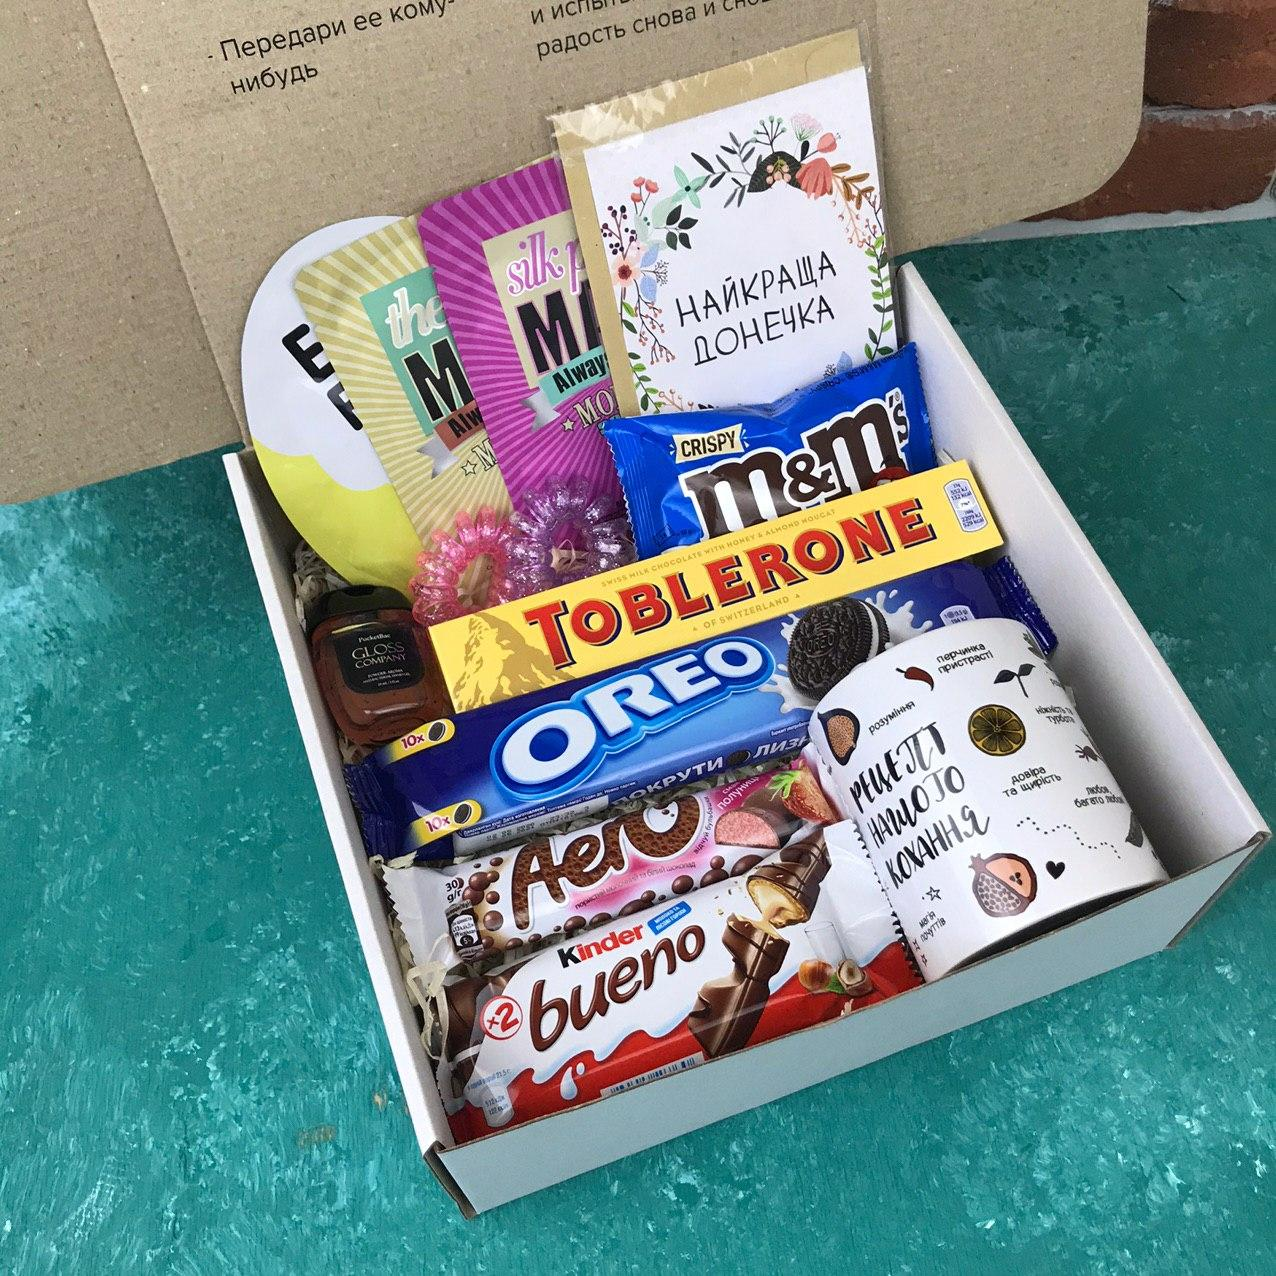 Подарочный Набор City-A Box Бокс для Женщины Сладкий Бьюти Beauty Box для Дочки из 13 ед №2868